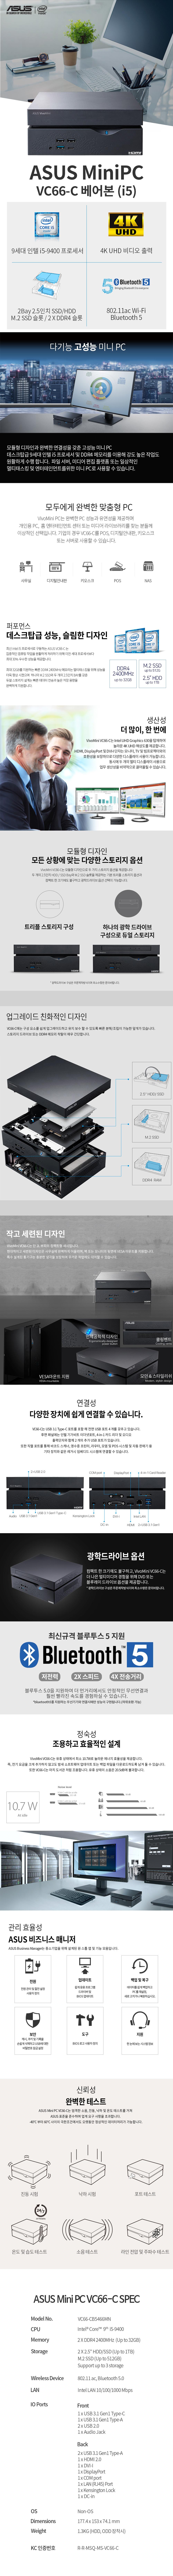 ASUS VivoMini VC66-C i5-9400 M2 (8GB, M2 256GB + 1TB)